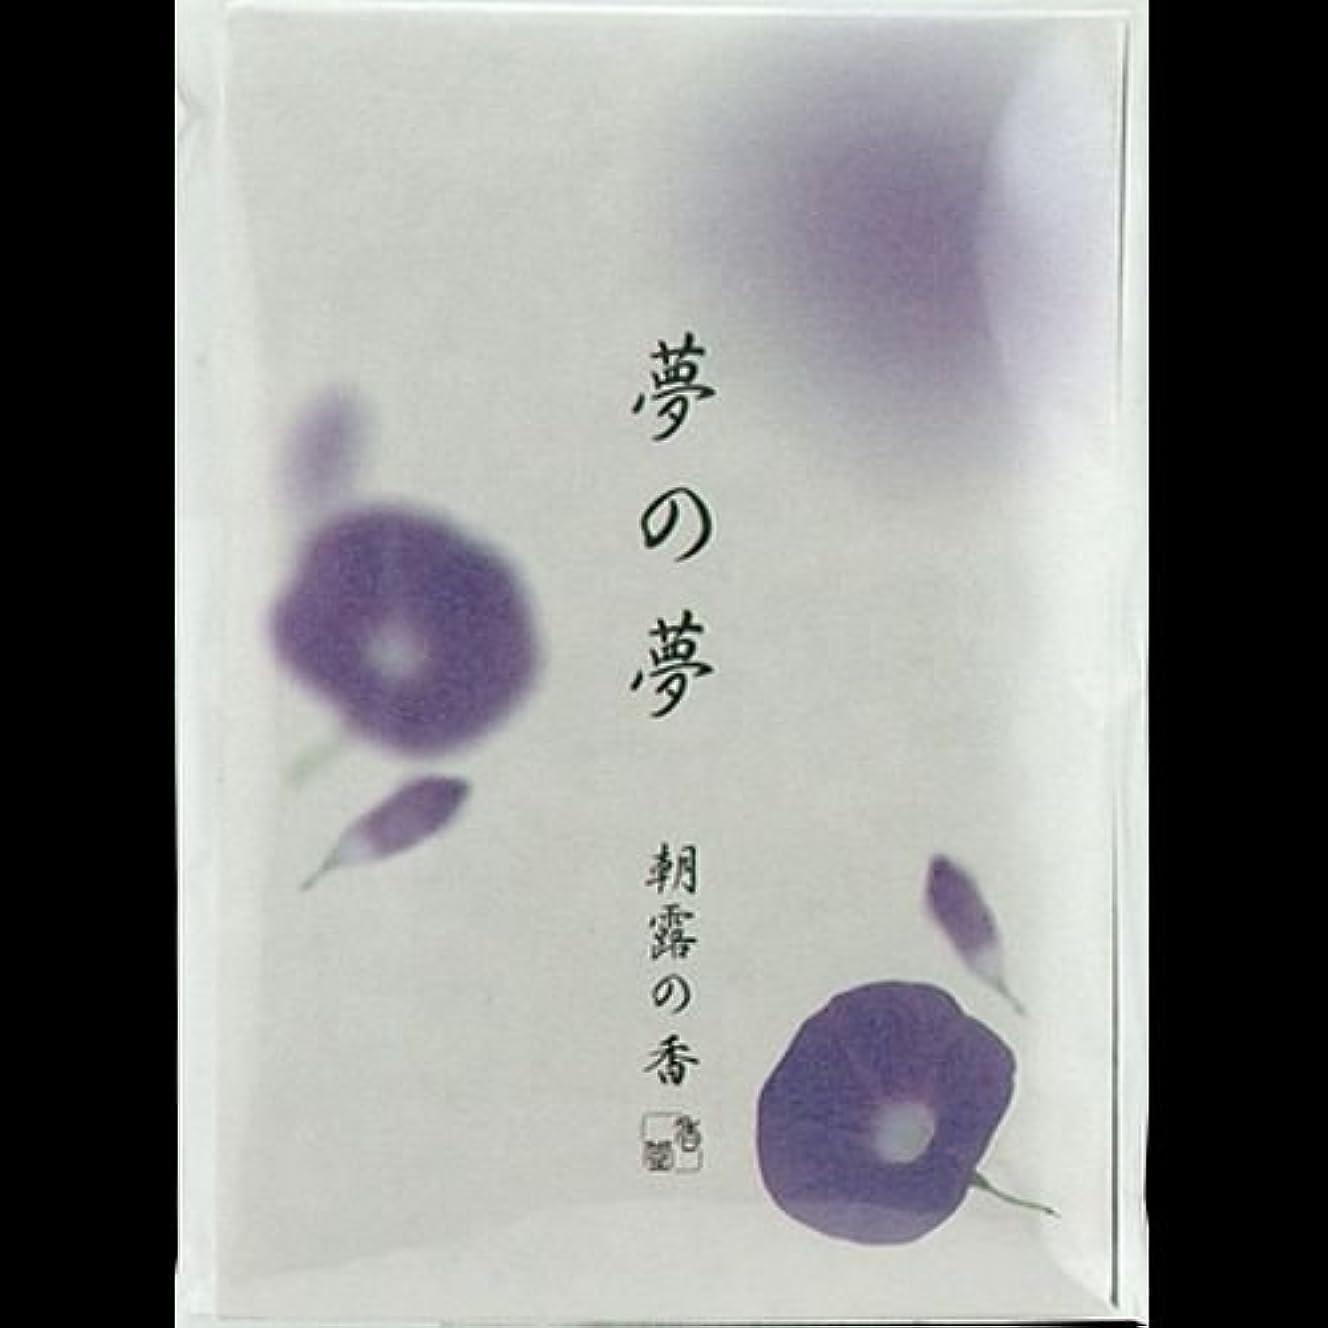 ウィンク自分の堂々たる【まとめ買い】夢の夢 朝露(あさつゆ) スティック12本入 ×2セット